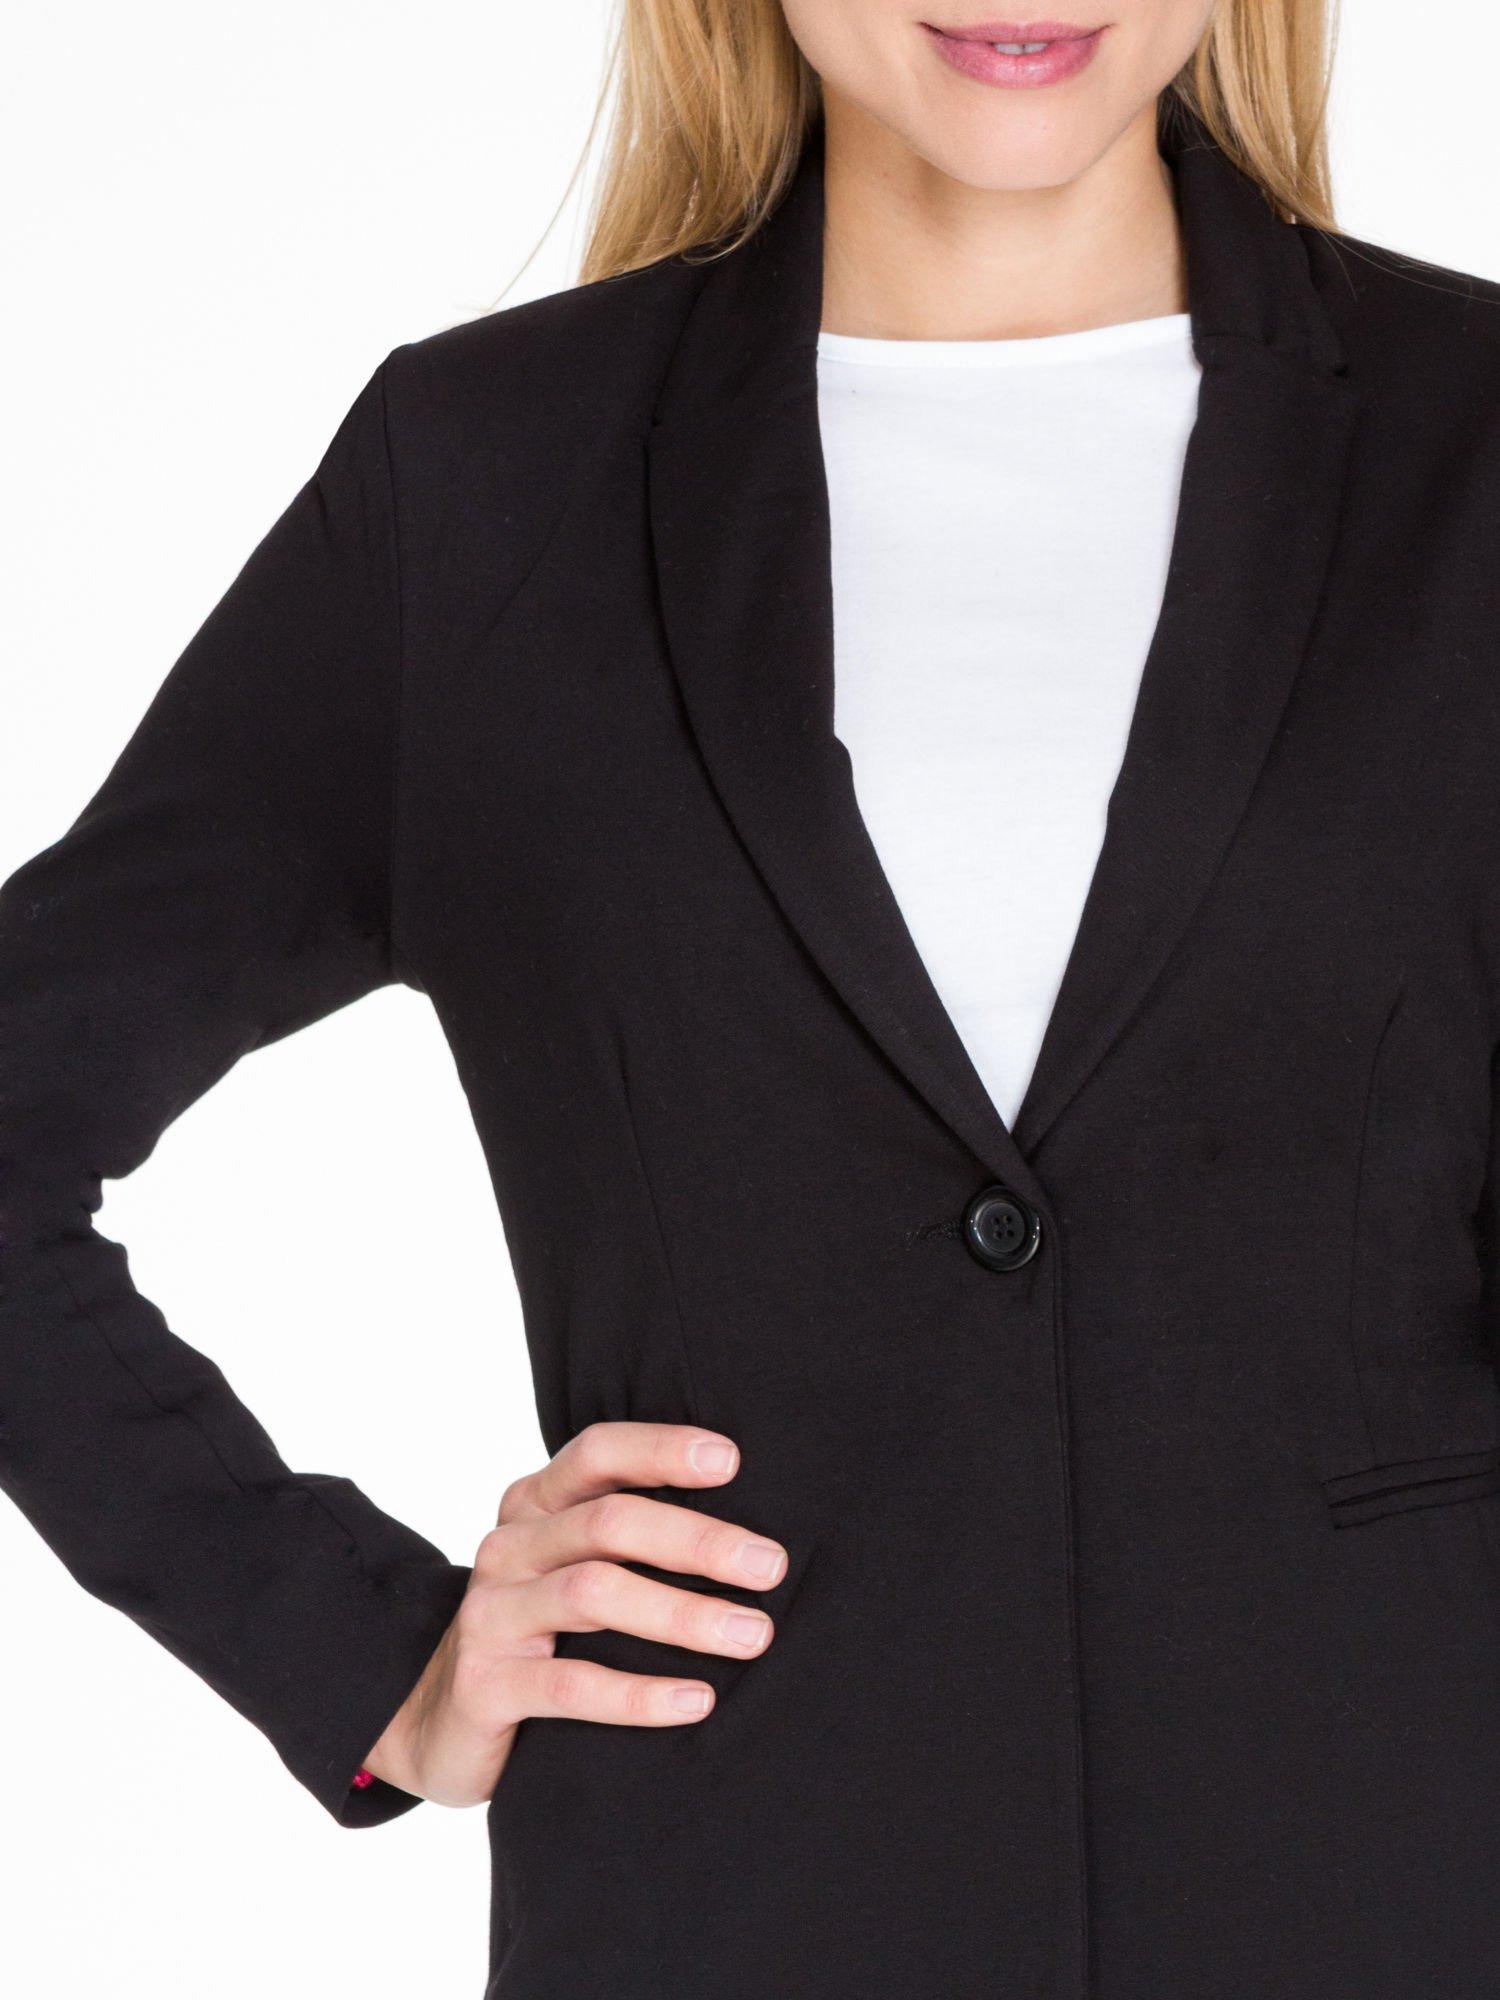 Czarny bawełniany żakiet damski na jeden guzik                                  zdj.                                  5